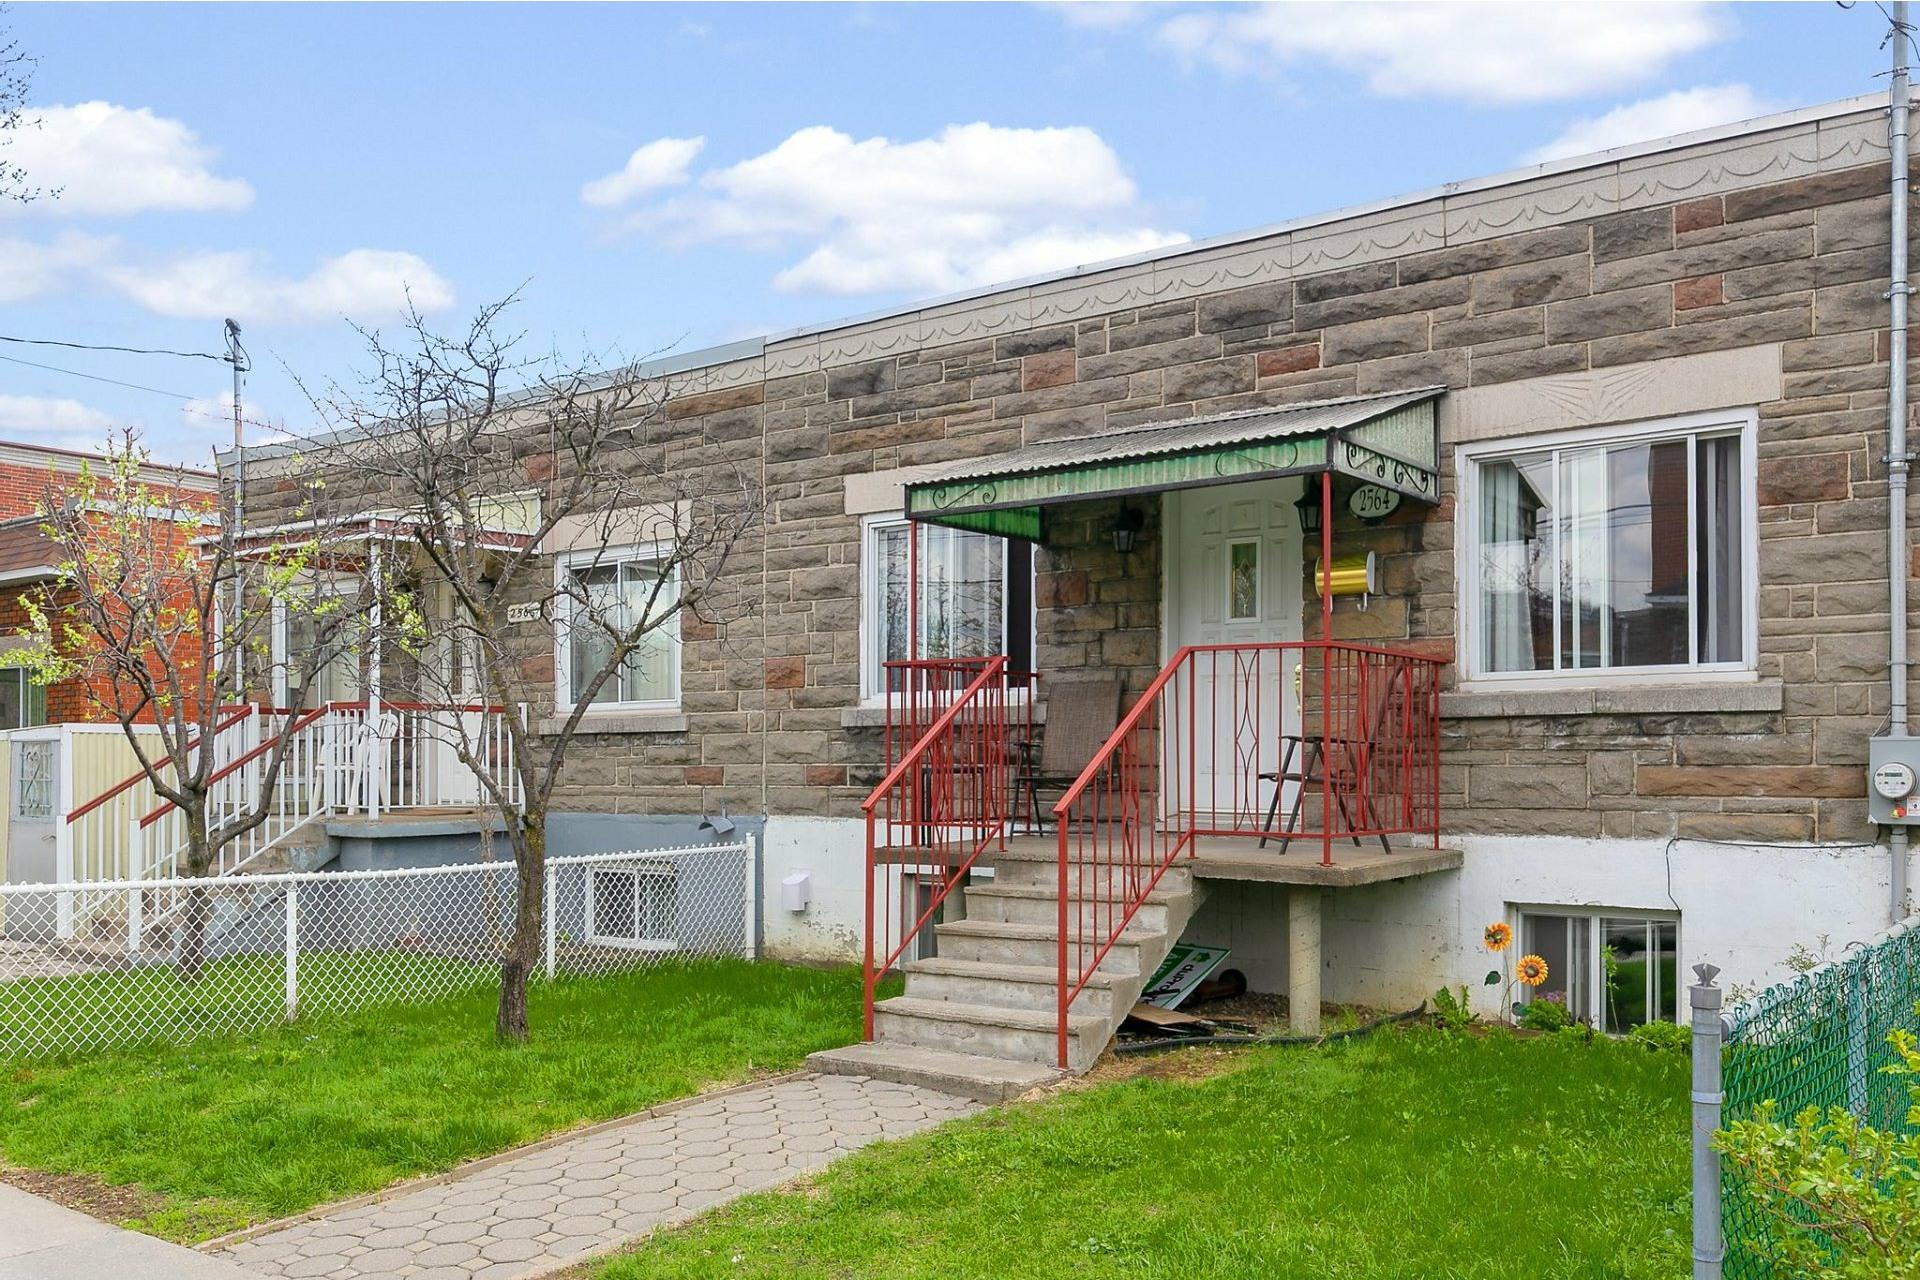 image 27 - Maison À vendre Villeray/Saint-Michel/Parc-Extension Montréal  - 10 pièces